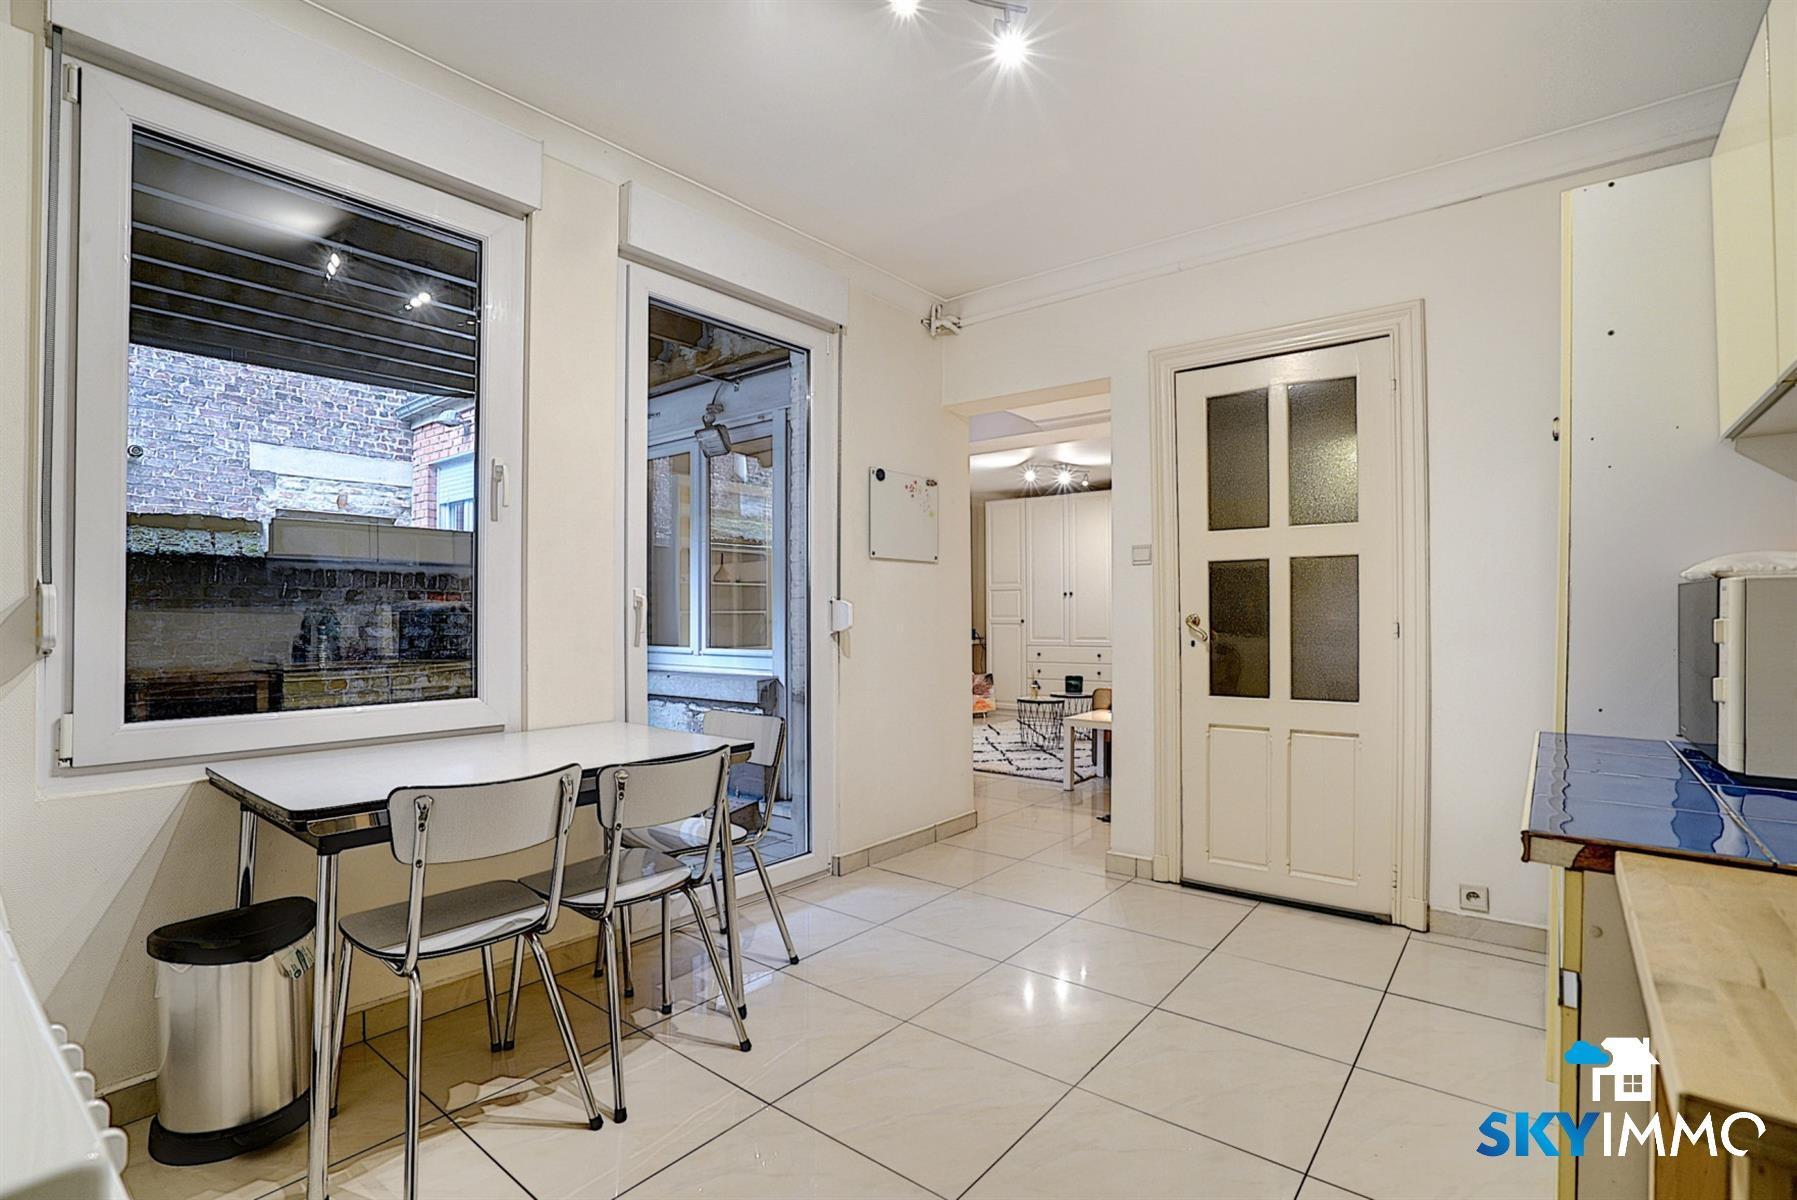 Maison - Liège - #4262984-11